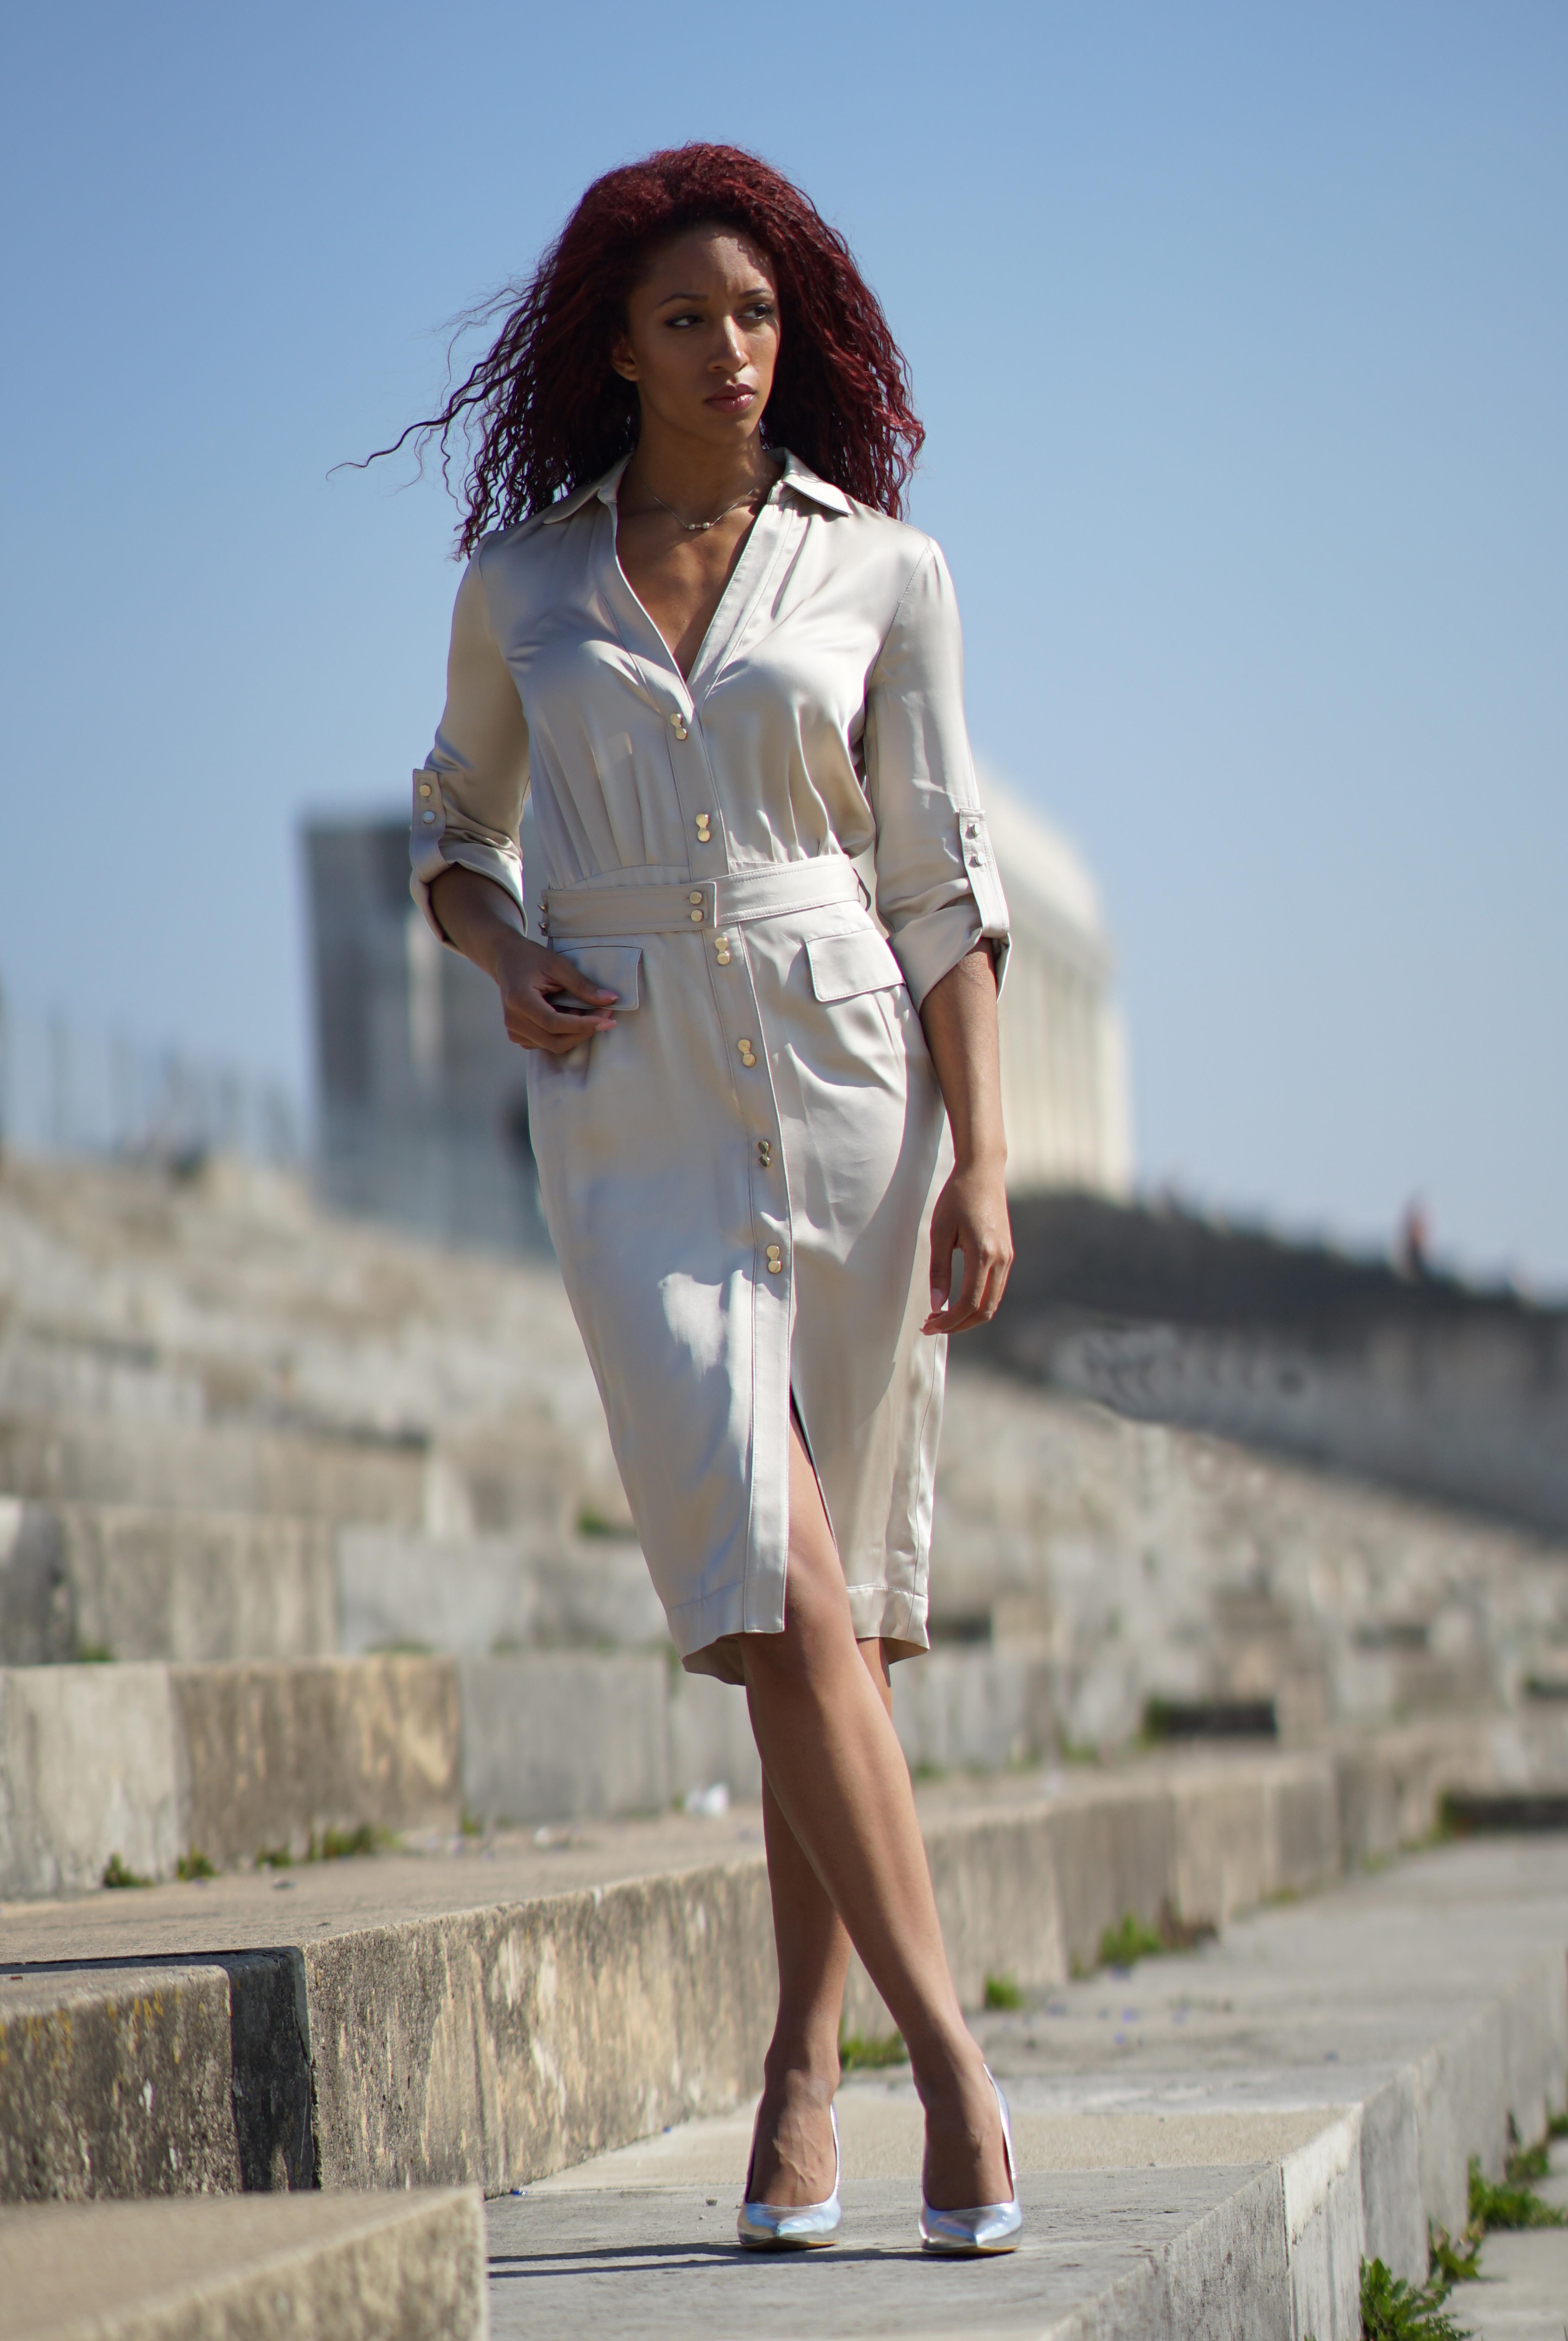 east fashion Mode-Damenmode-fashion-erlangen 2019